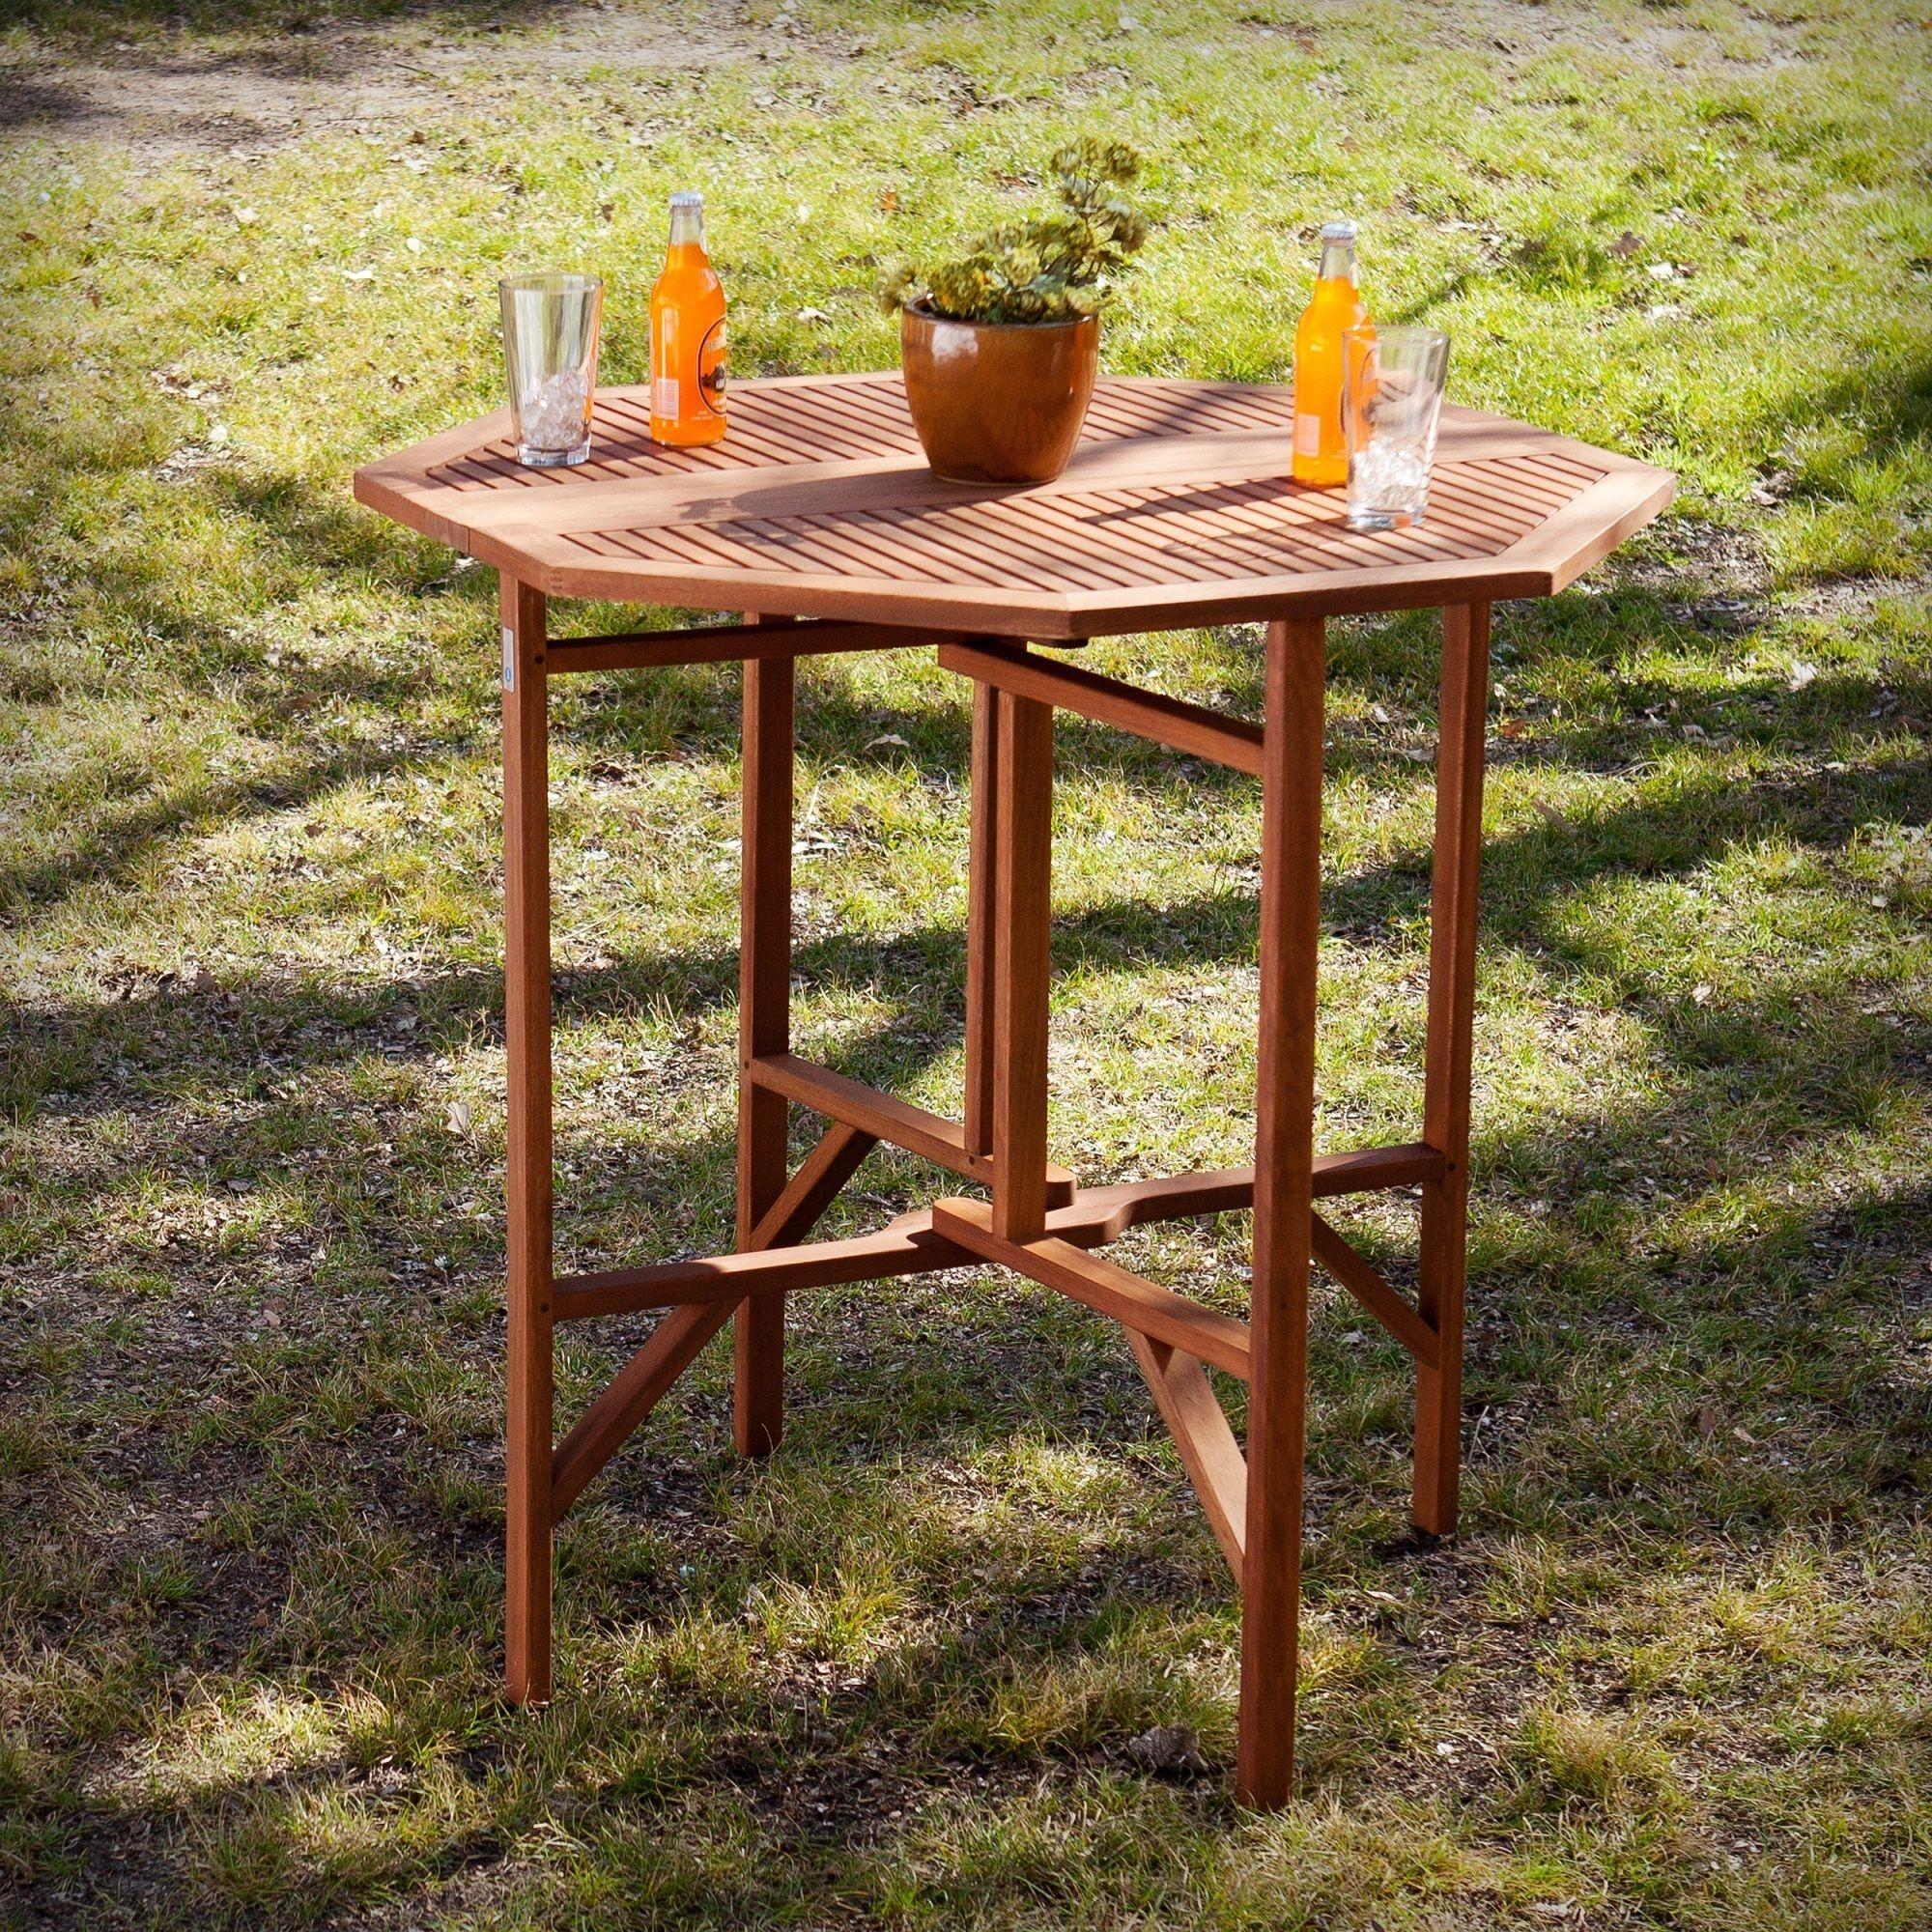 Harper Blvd Tavara Outdoor Dining Table